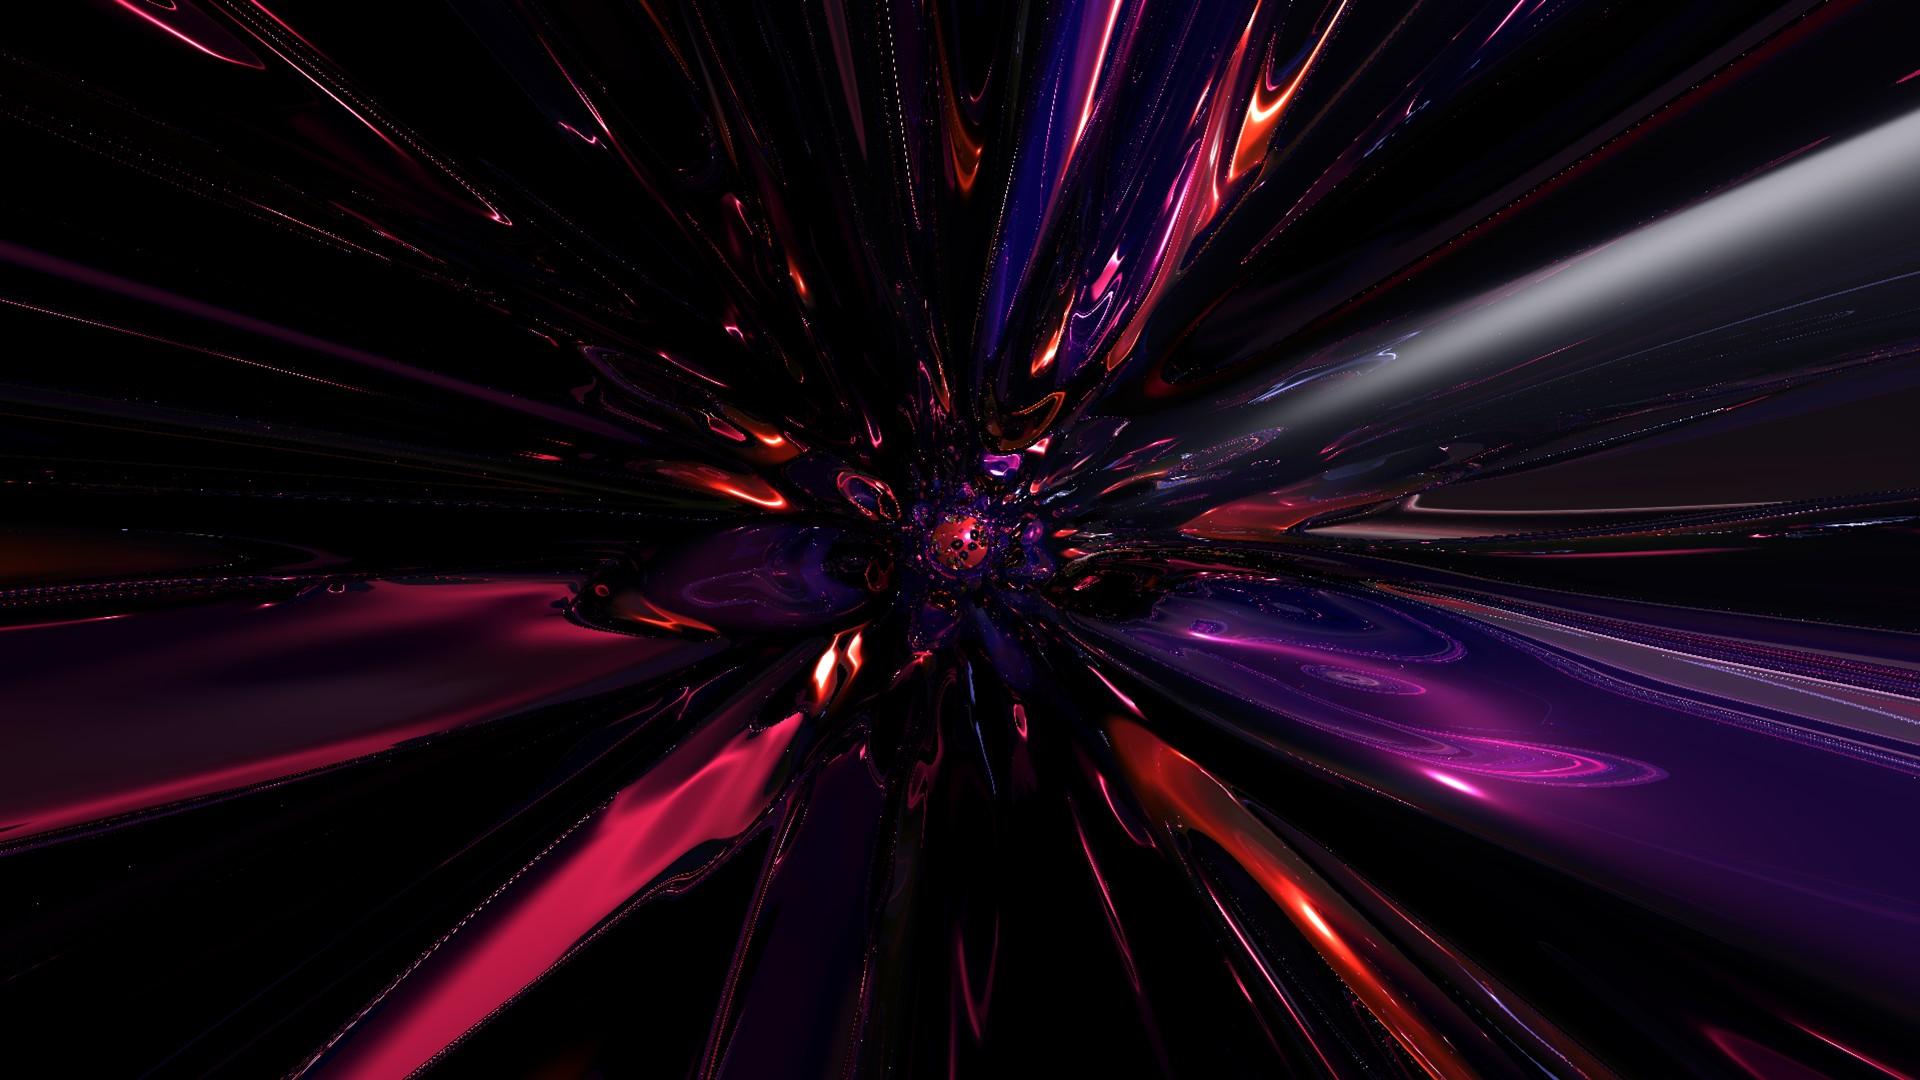 GFX Background 01   [1920x1080] 1920x1080